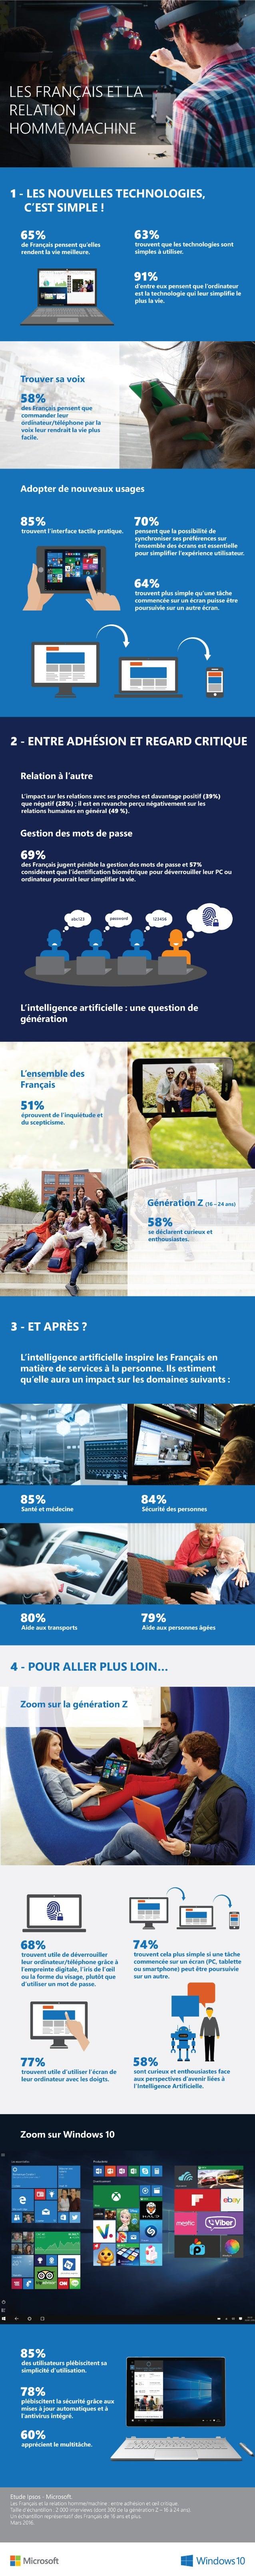 Les Français et la relation homme machine - INFOGRAPHIE